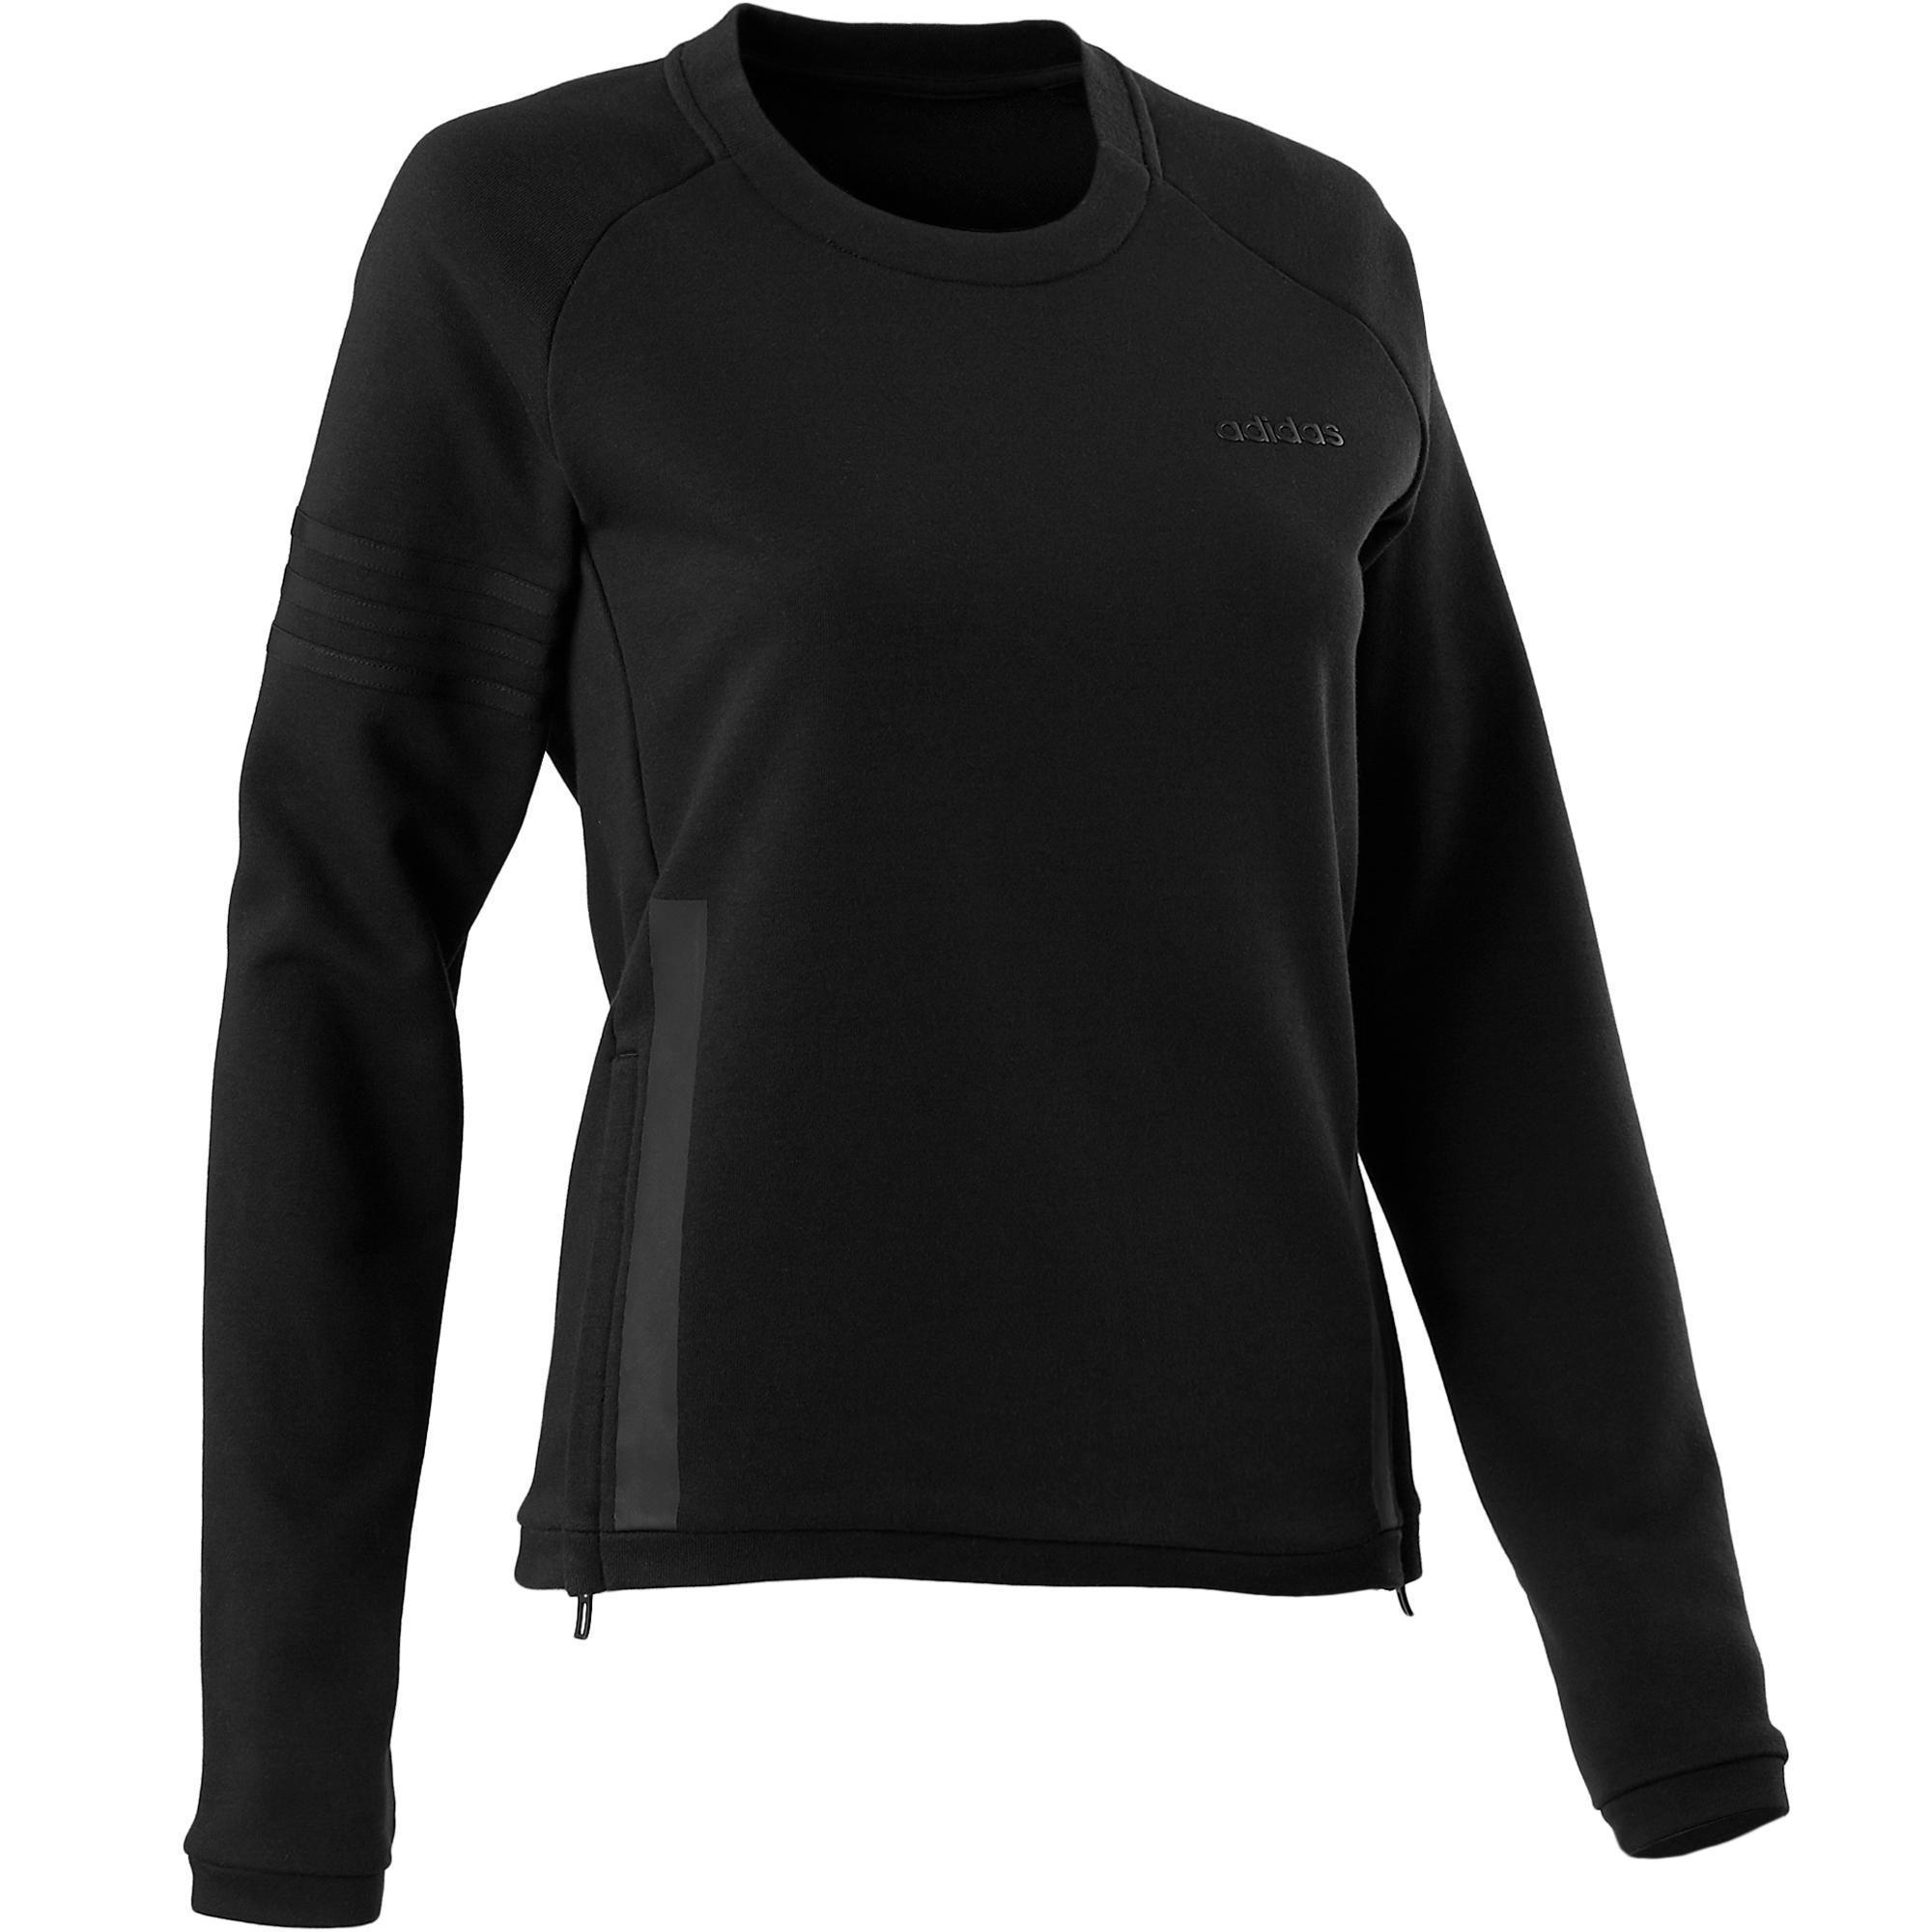 Pilates kleding kopen met voordeel